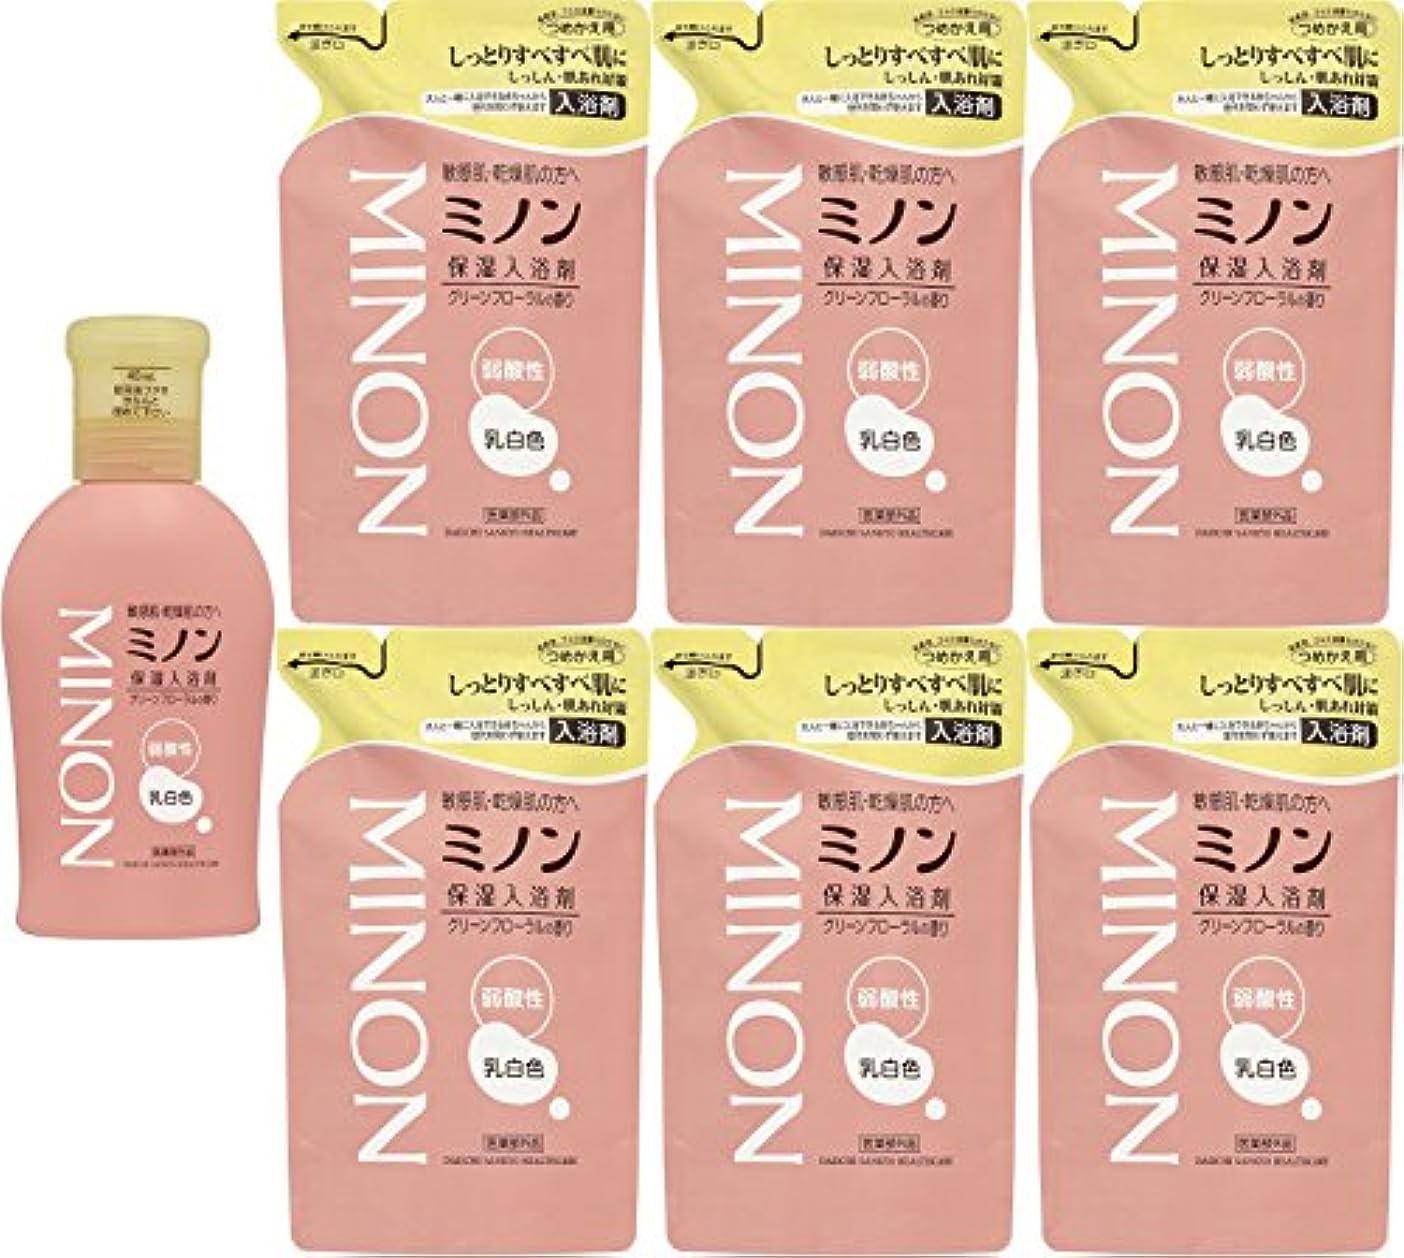 恐れお風呂カビ【本体+つめ替6個】ミノン 薬用保湿入浴剤